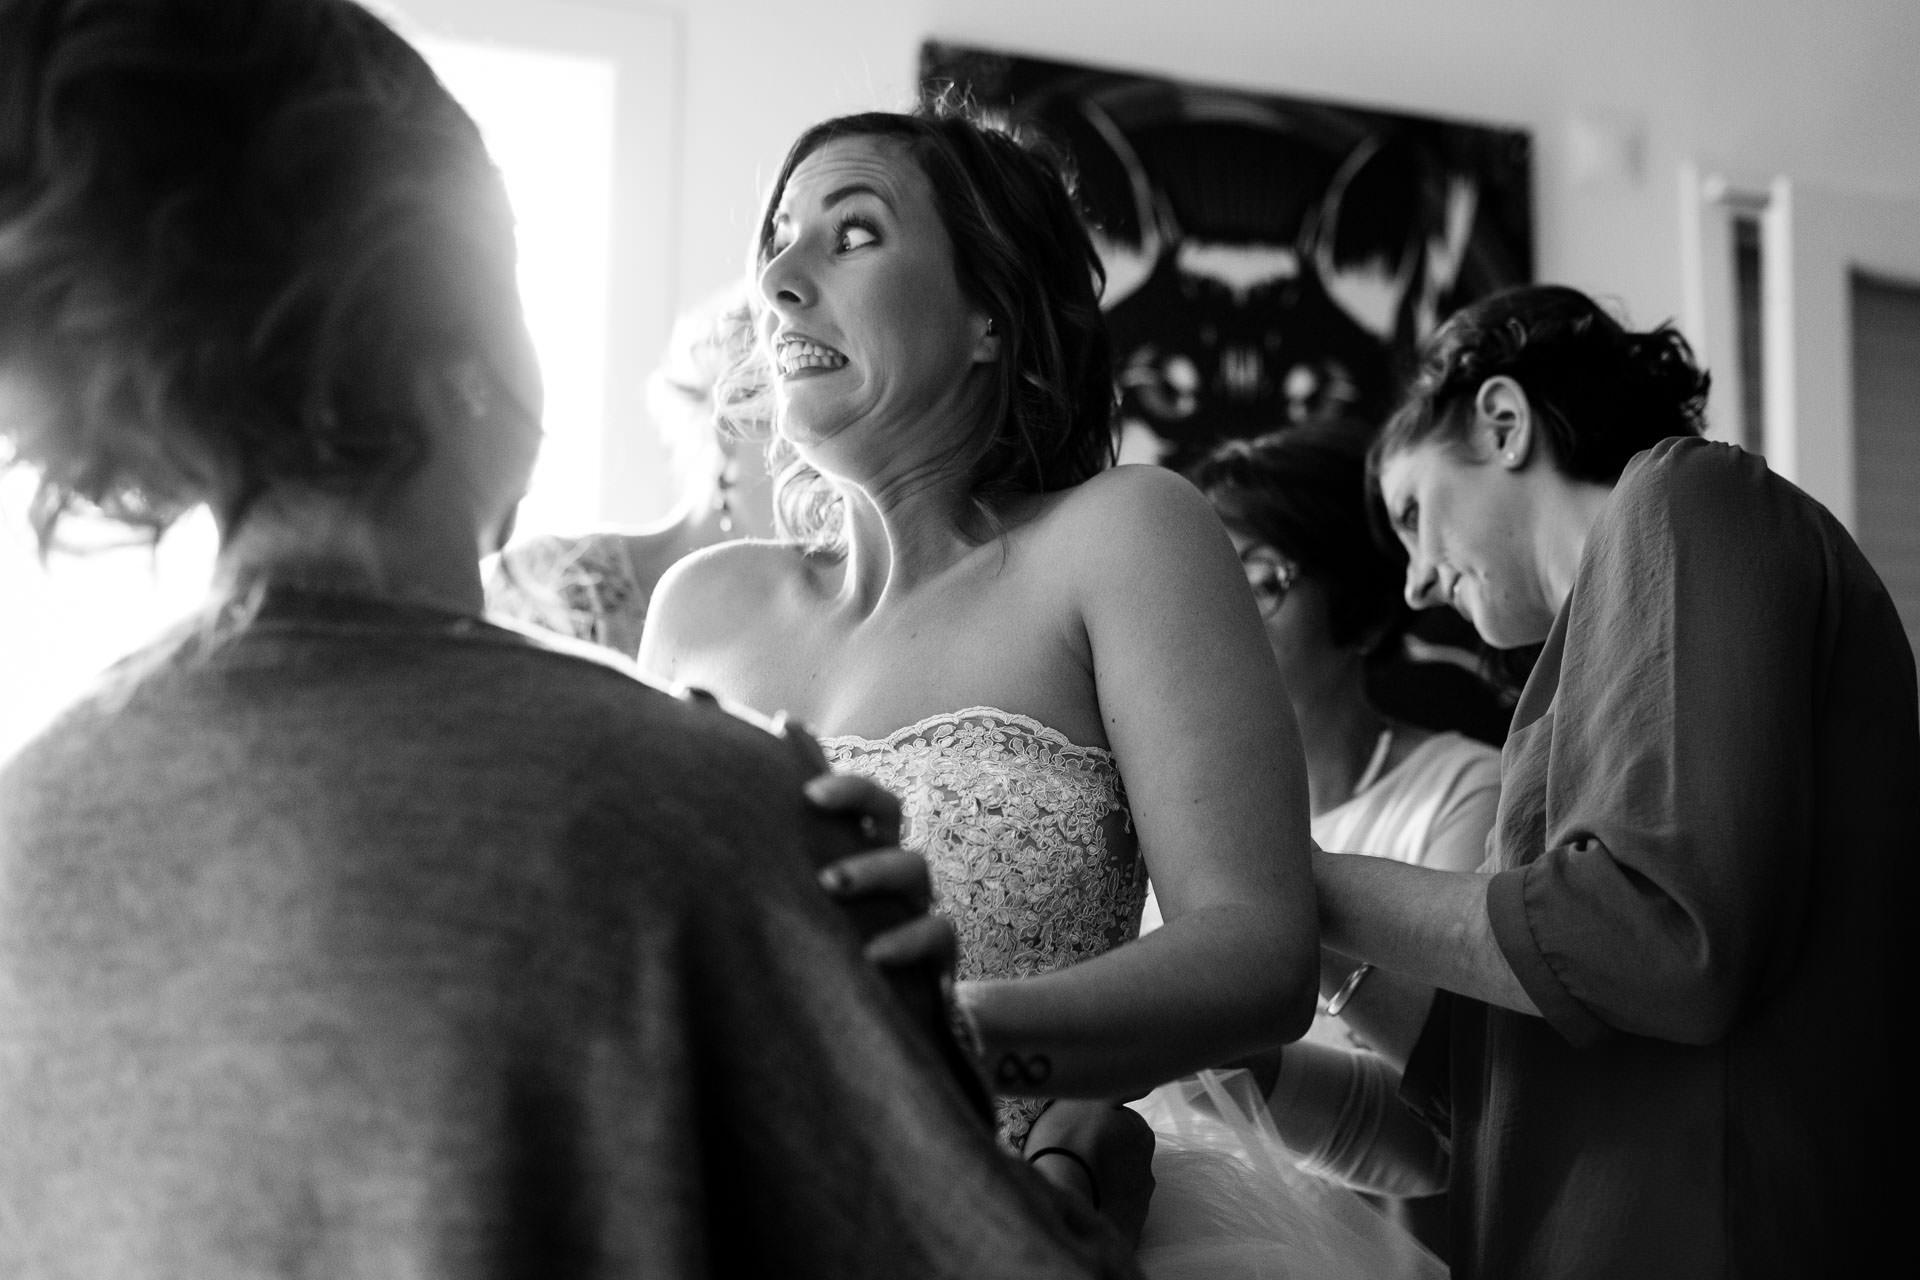 Photographe de Mariage Rock habillage qui fait mal